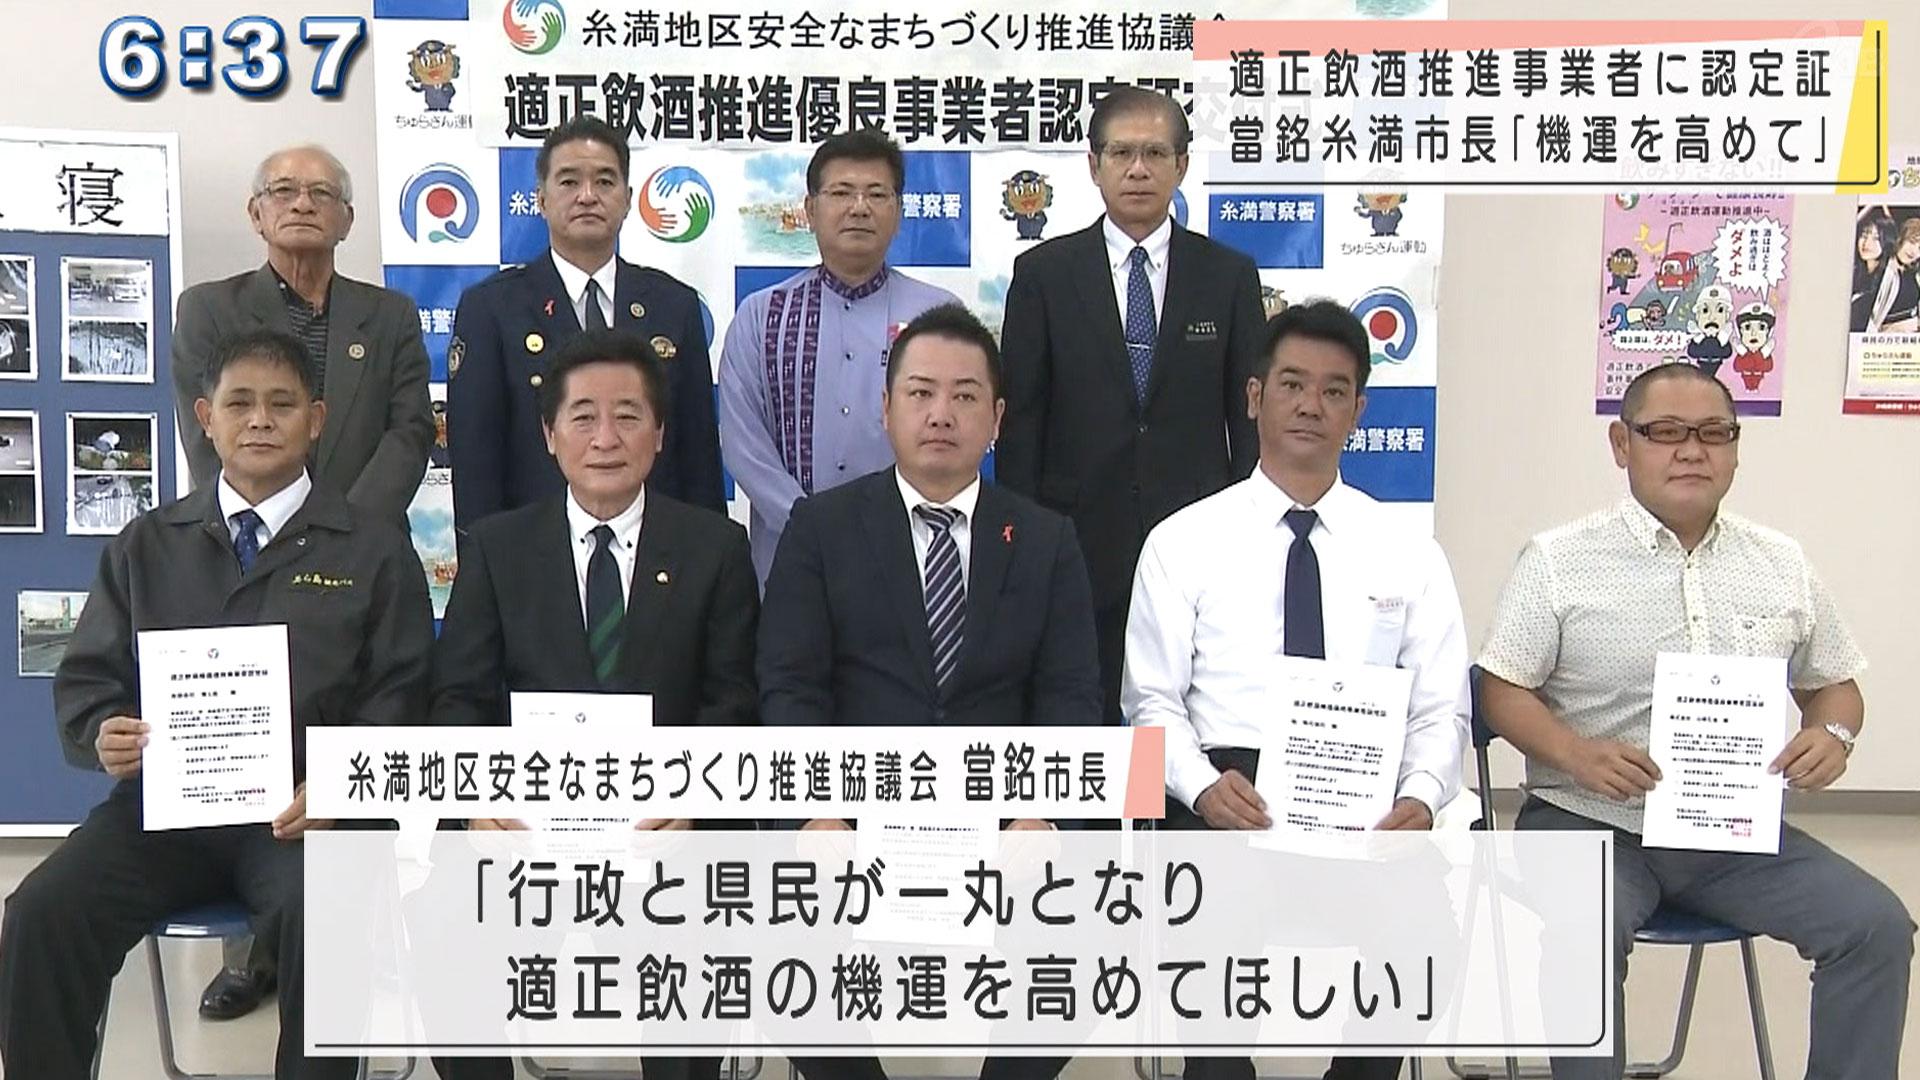 沖縄で適正飲酒を推進する事業者に認定証交付